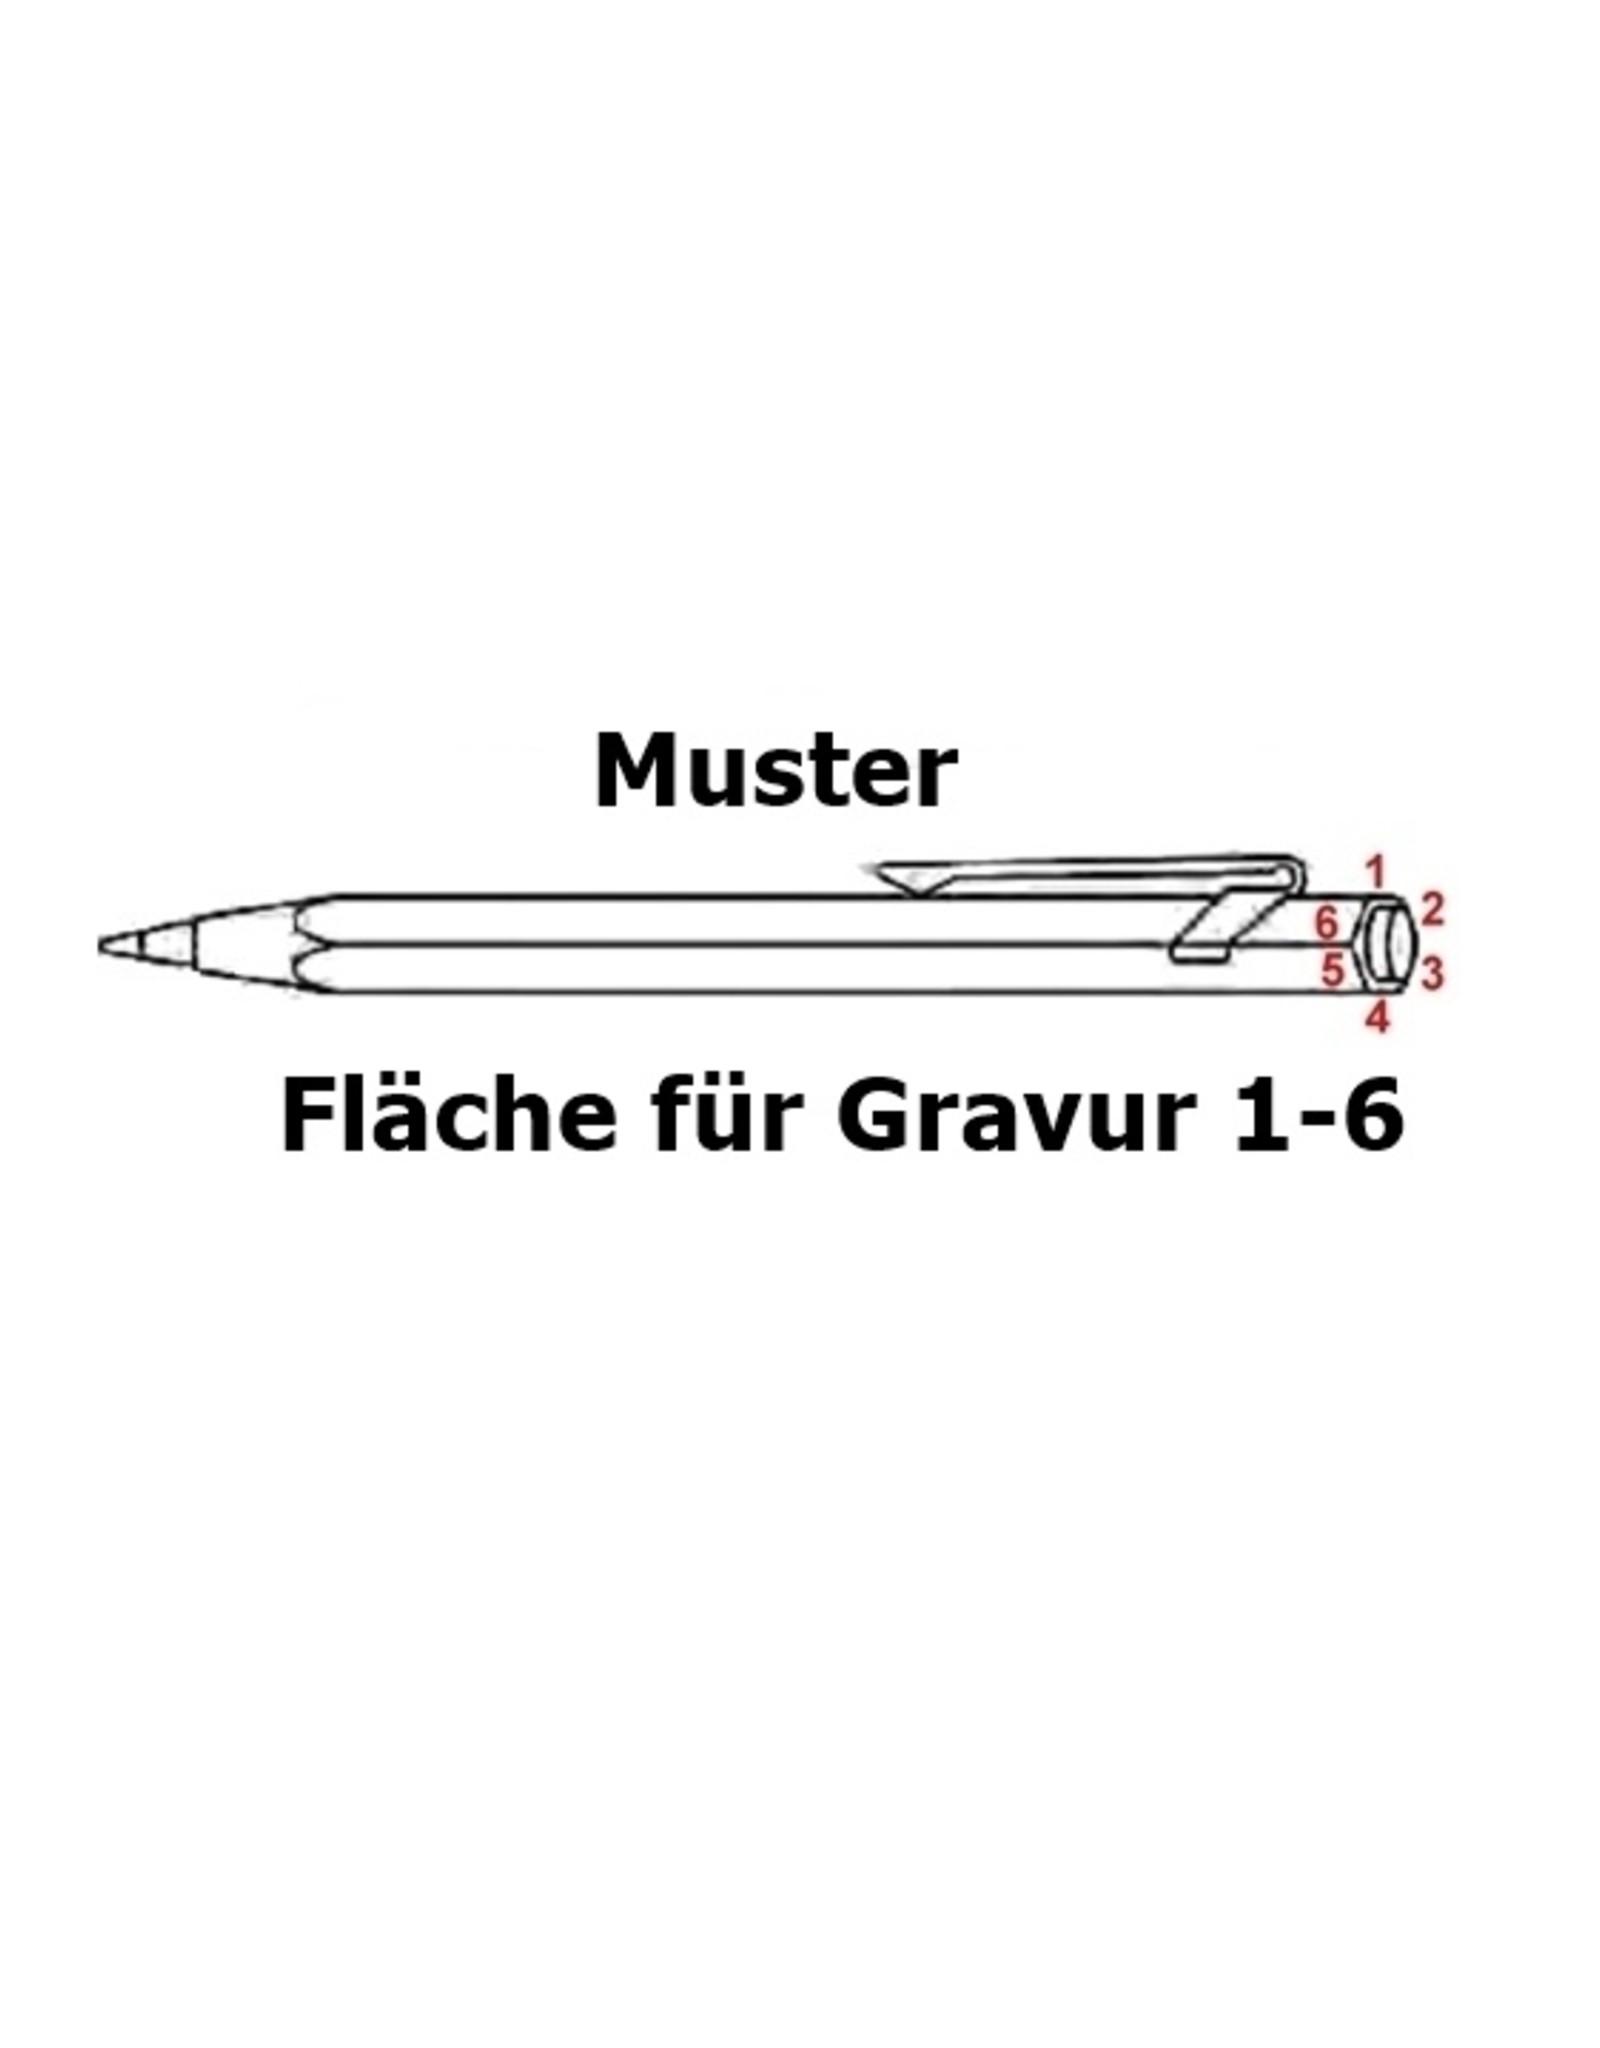 Kugelschreiber mit Gravur von Caran d'Ache